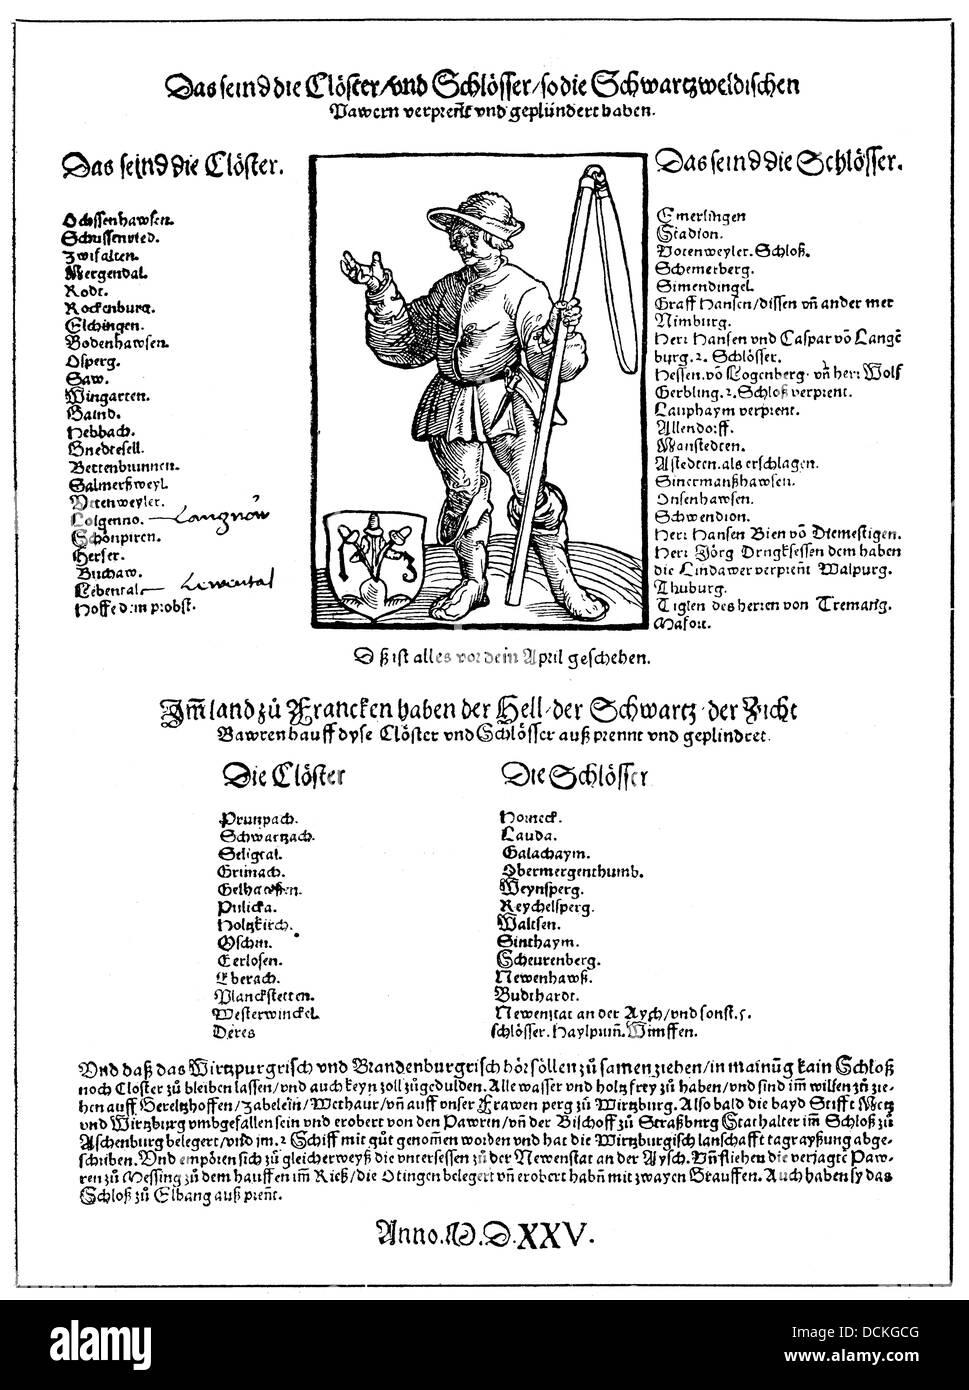 Historische Abbildung, Broschüre aus dem Bauernkrieg, 1525, Liste der zerstörten Klöster und Burgen Stockbild